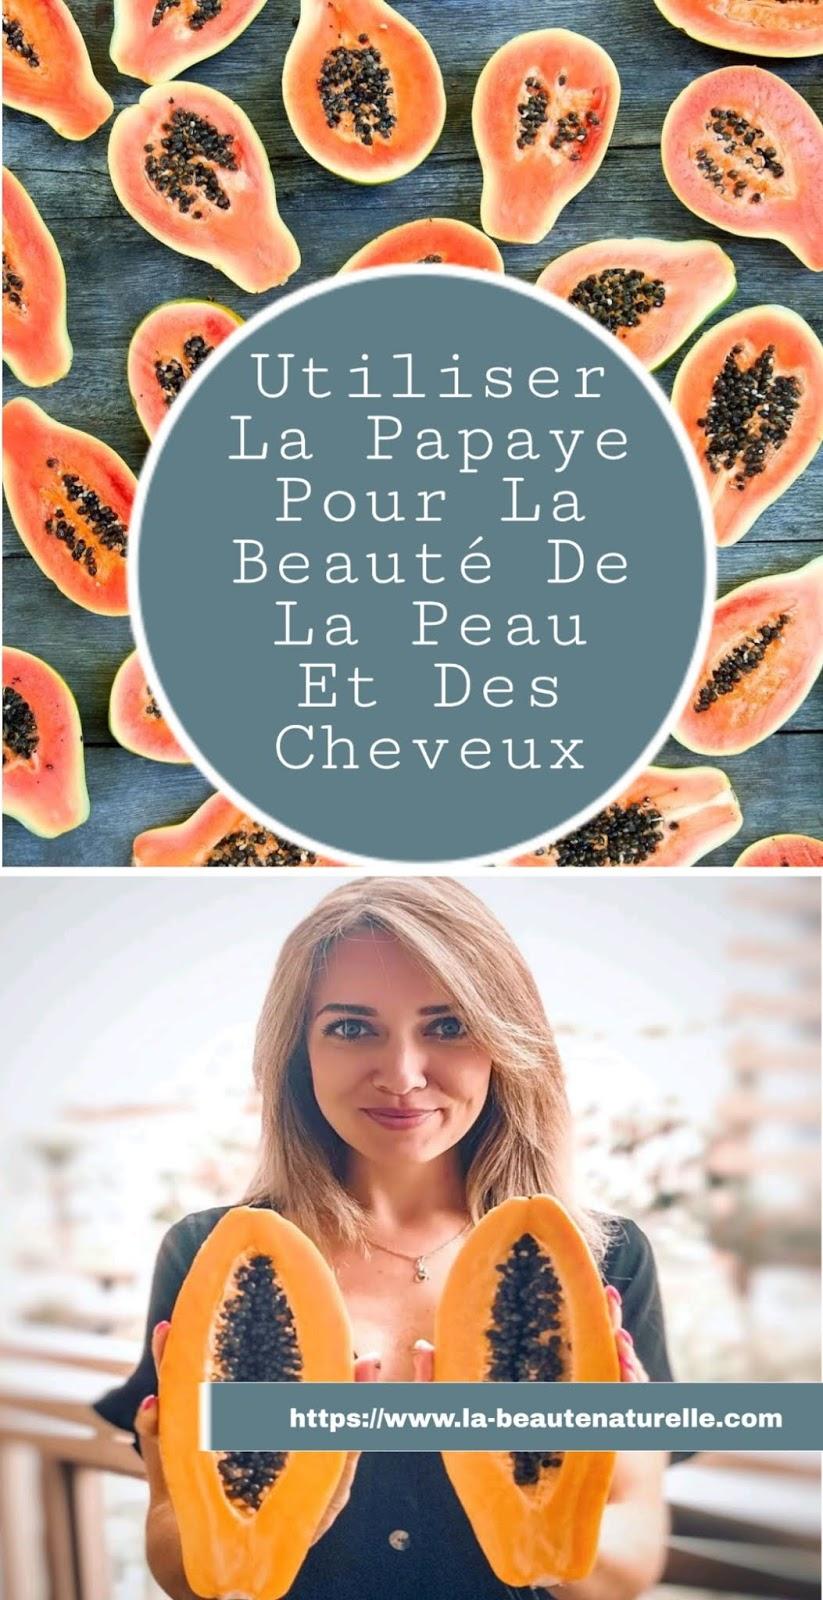 Utiliser La Papaye Pour La Beauté De La Peau Et Des Cheveux